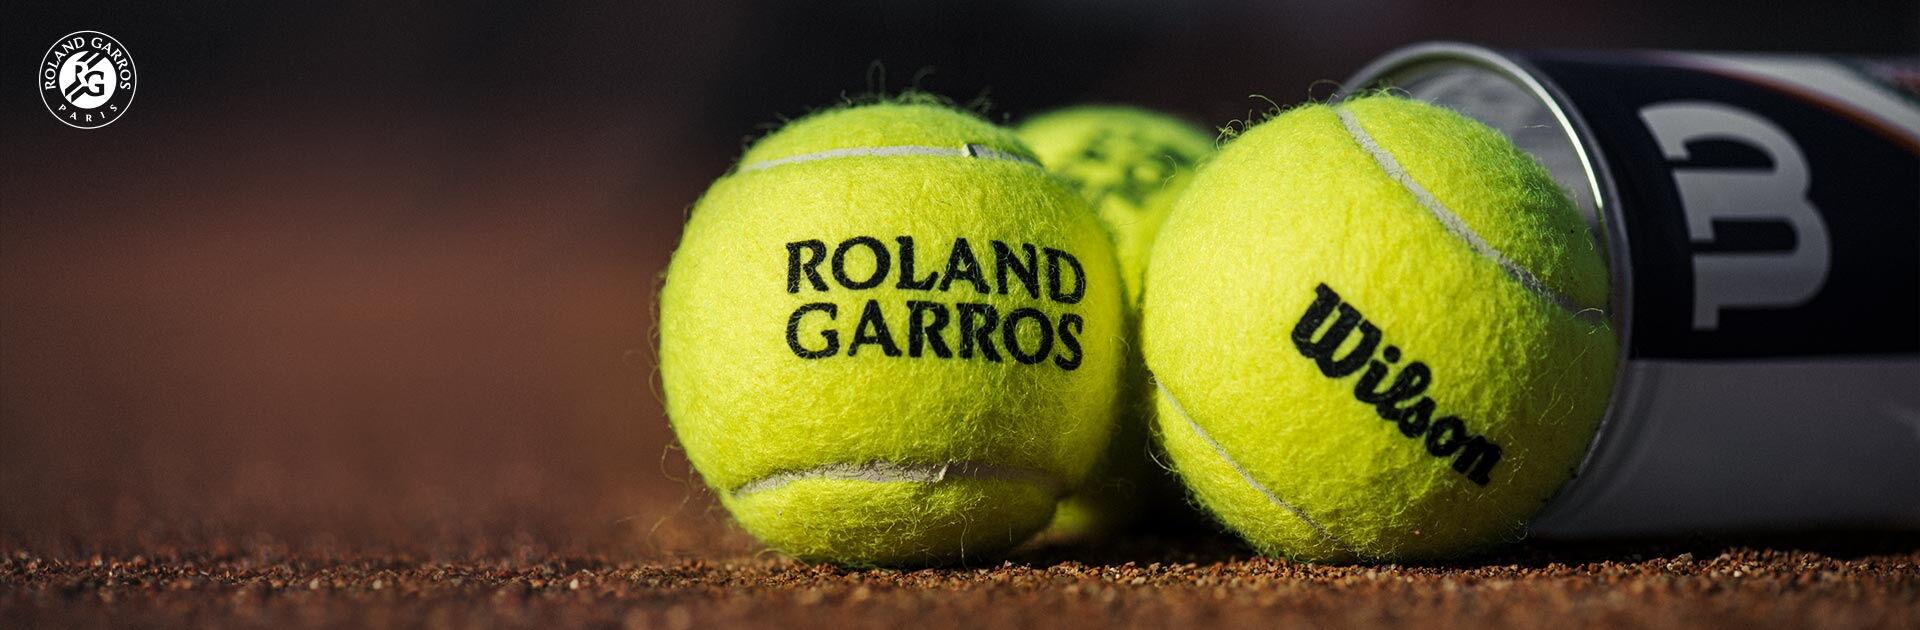 A Wilson 2020-tól kezdődően a Roland Garros French Open bajnokság hivatalos labdaszállítója.